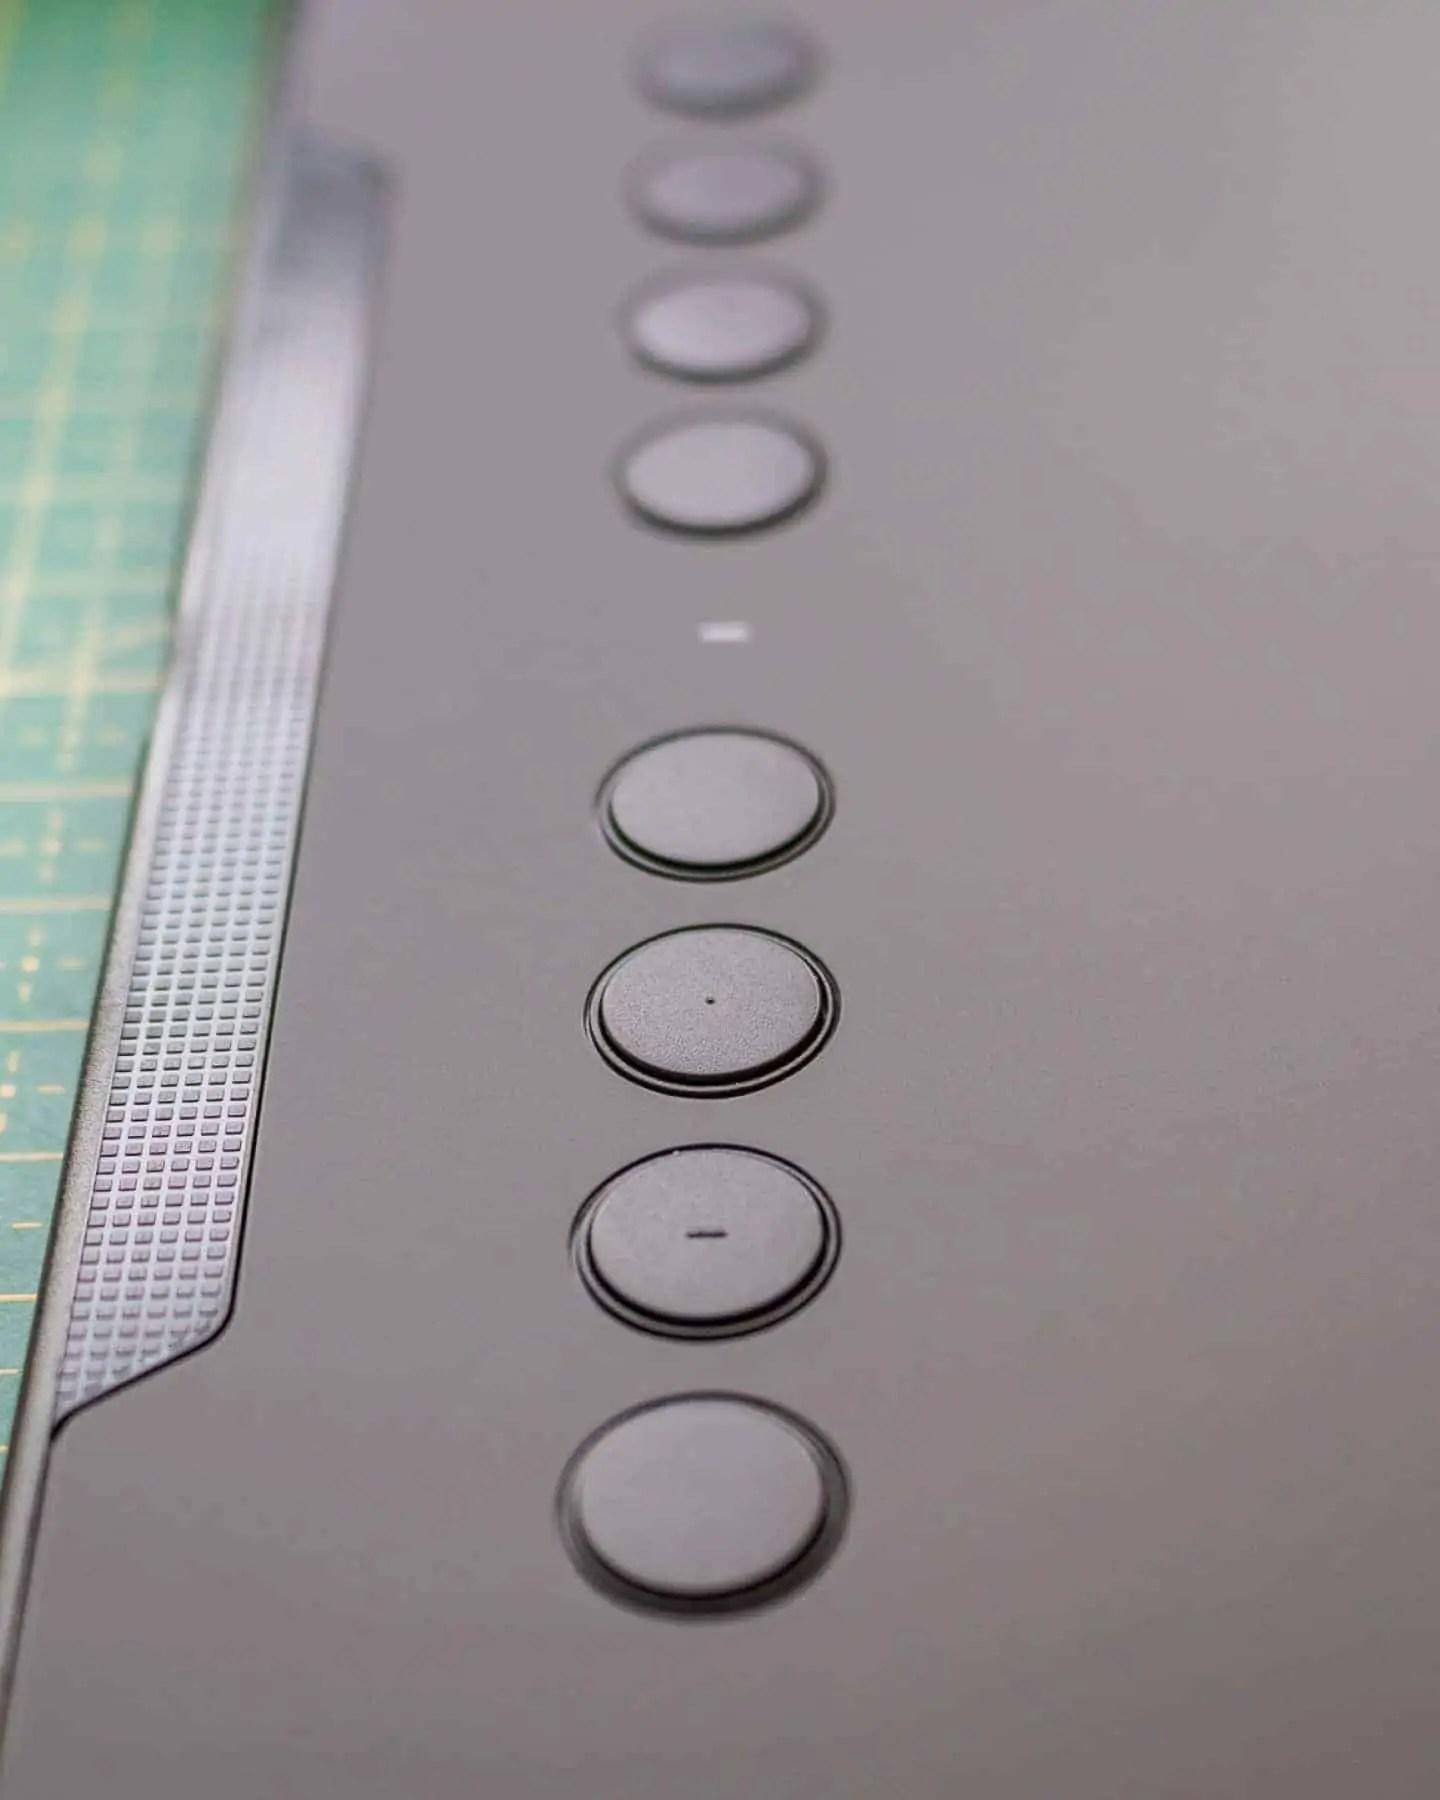 8 przyciskow do konfiguracji dodatkowo 2na piorku - Praca z tabletem graficznym XP PEN Deco 01 v2